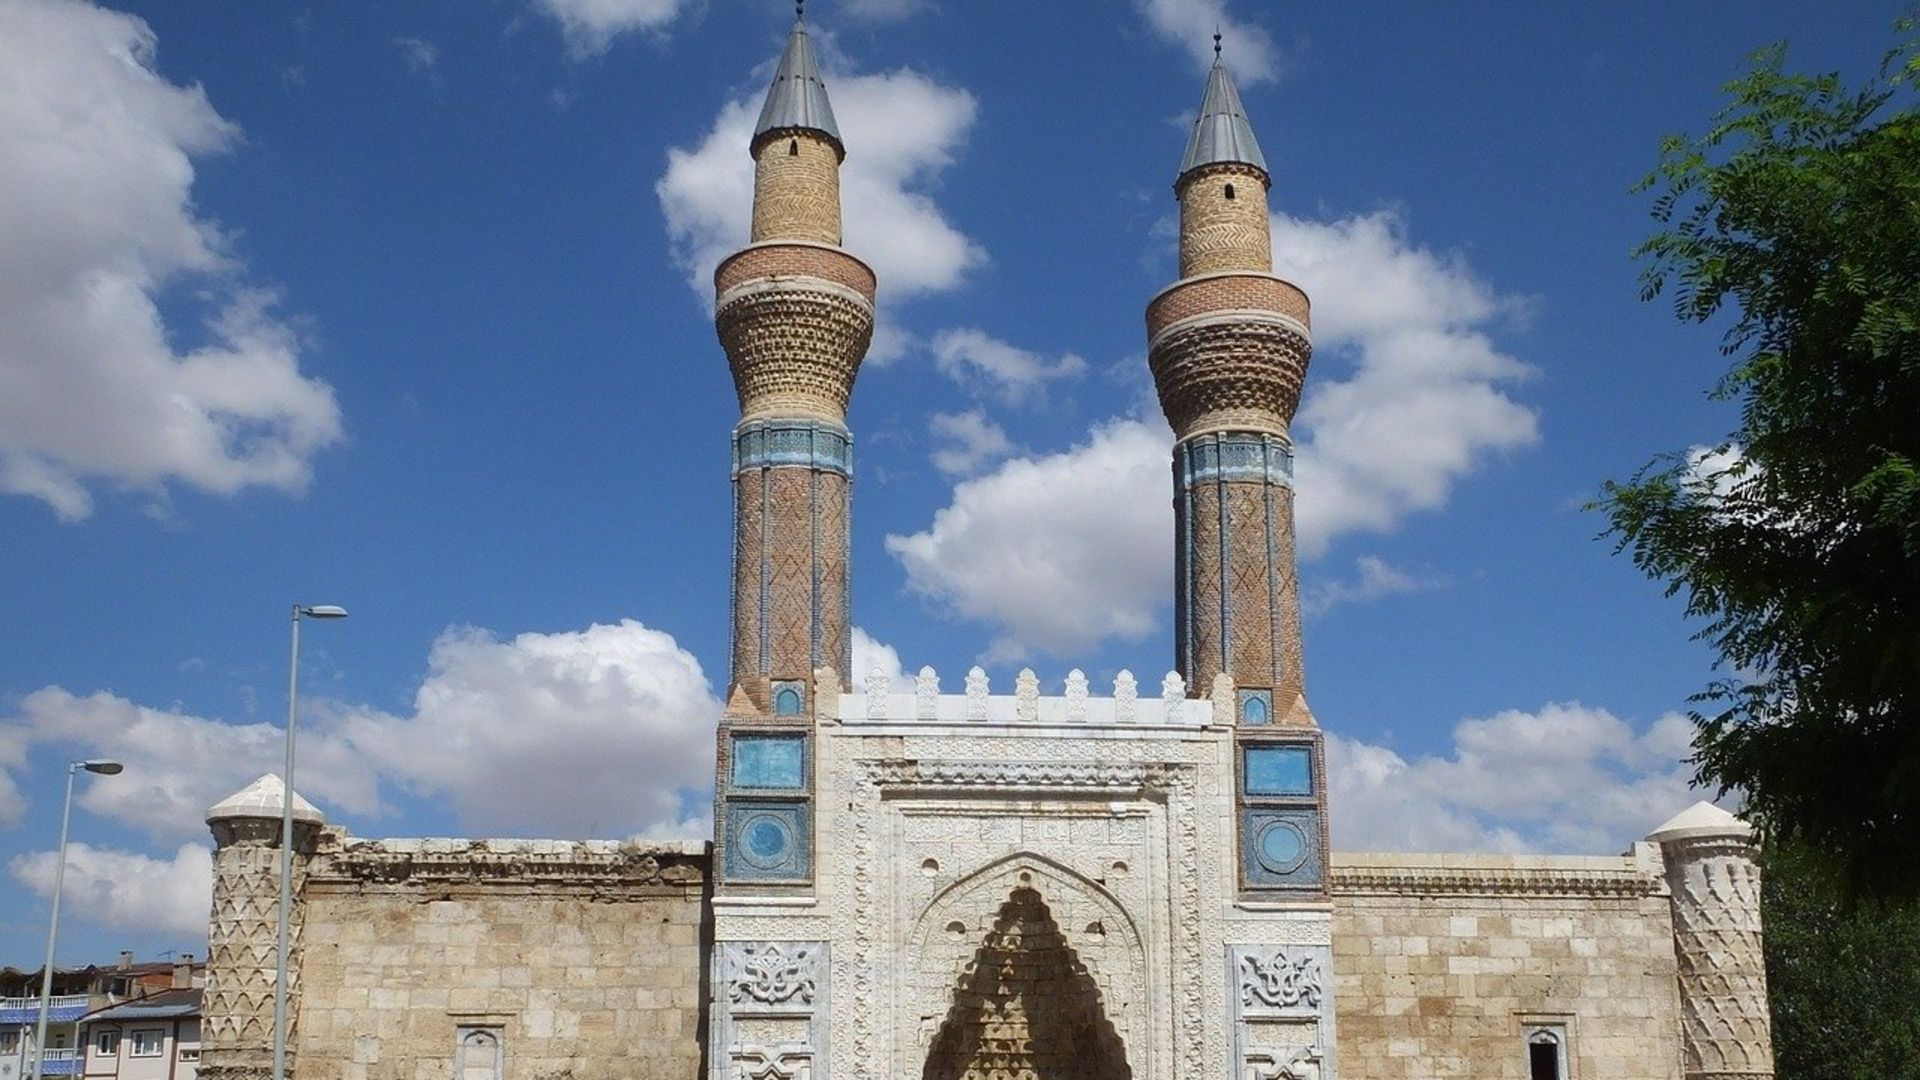 Kültürel ve doğal miraslarımız VII (Anadolu Selçuklu Medreseleri)